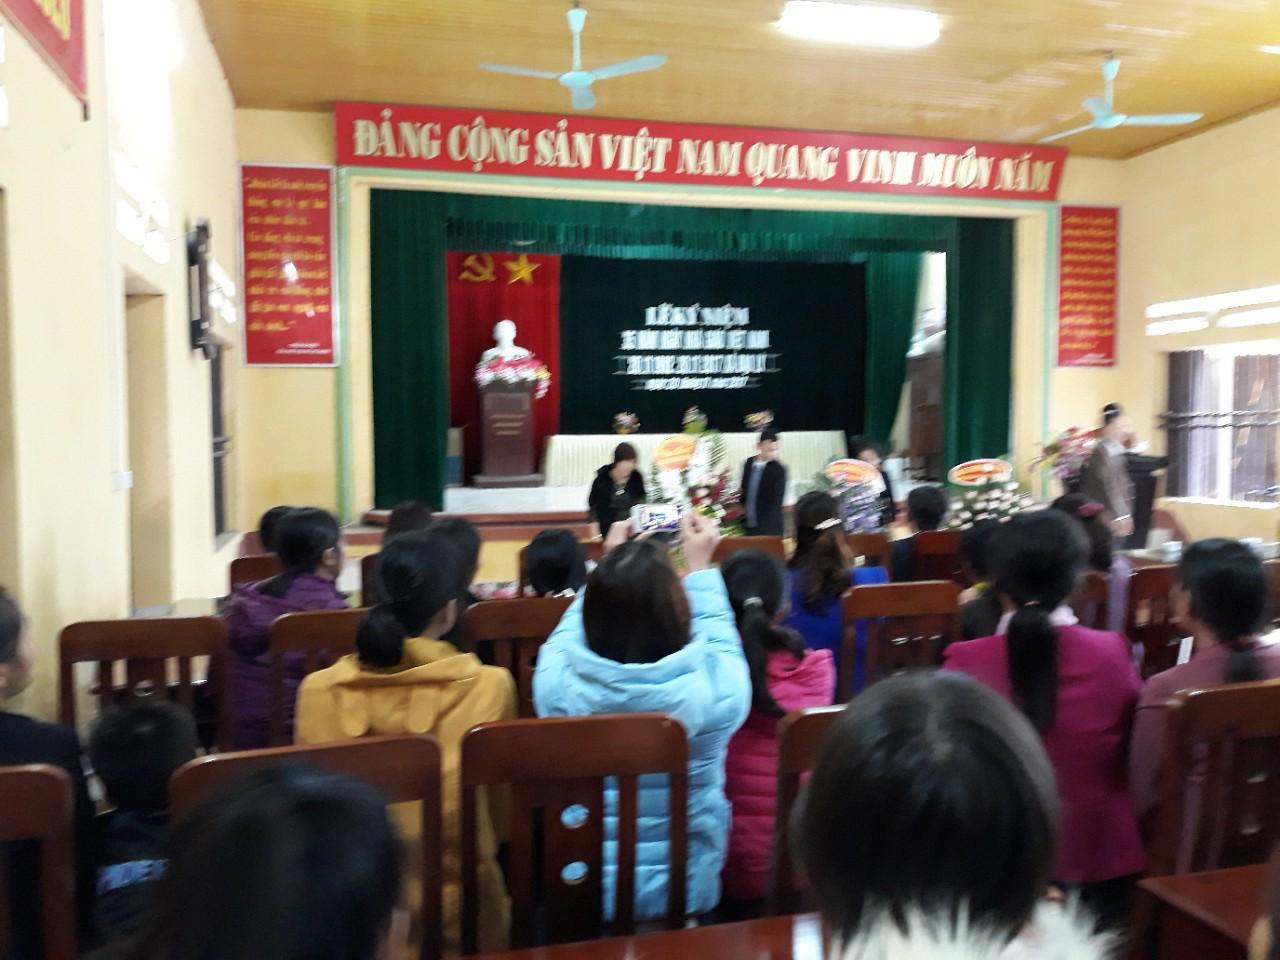 Ngày nhà giáo Việt Nam 20/11 năm học 2017-2018